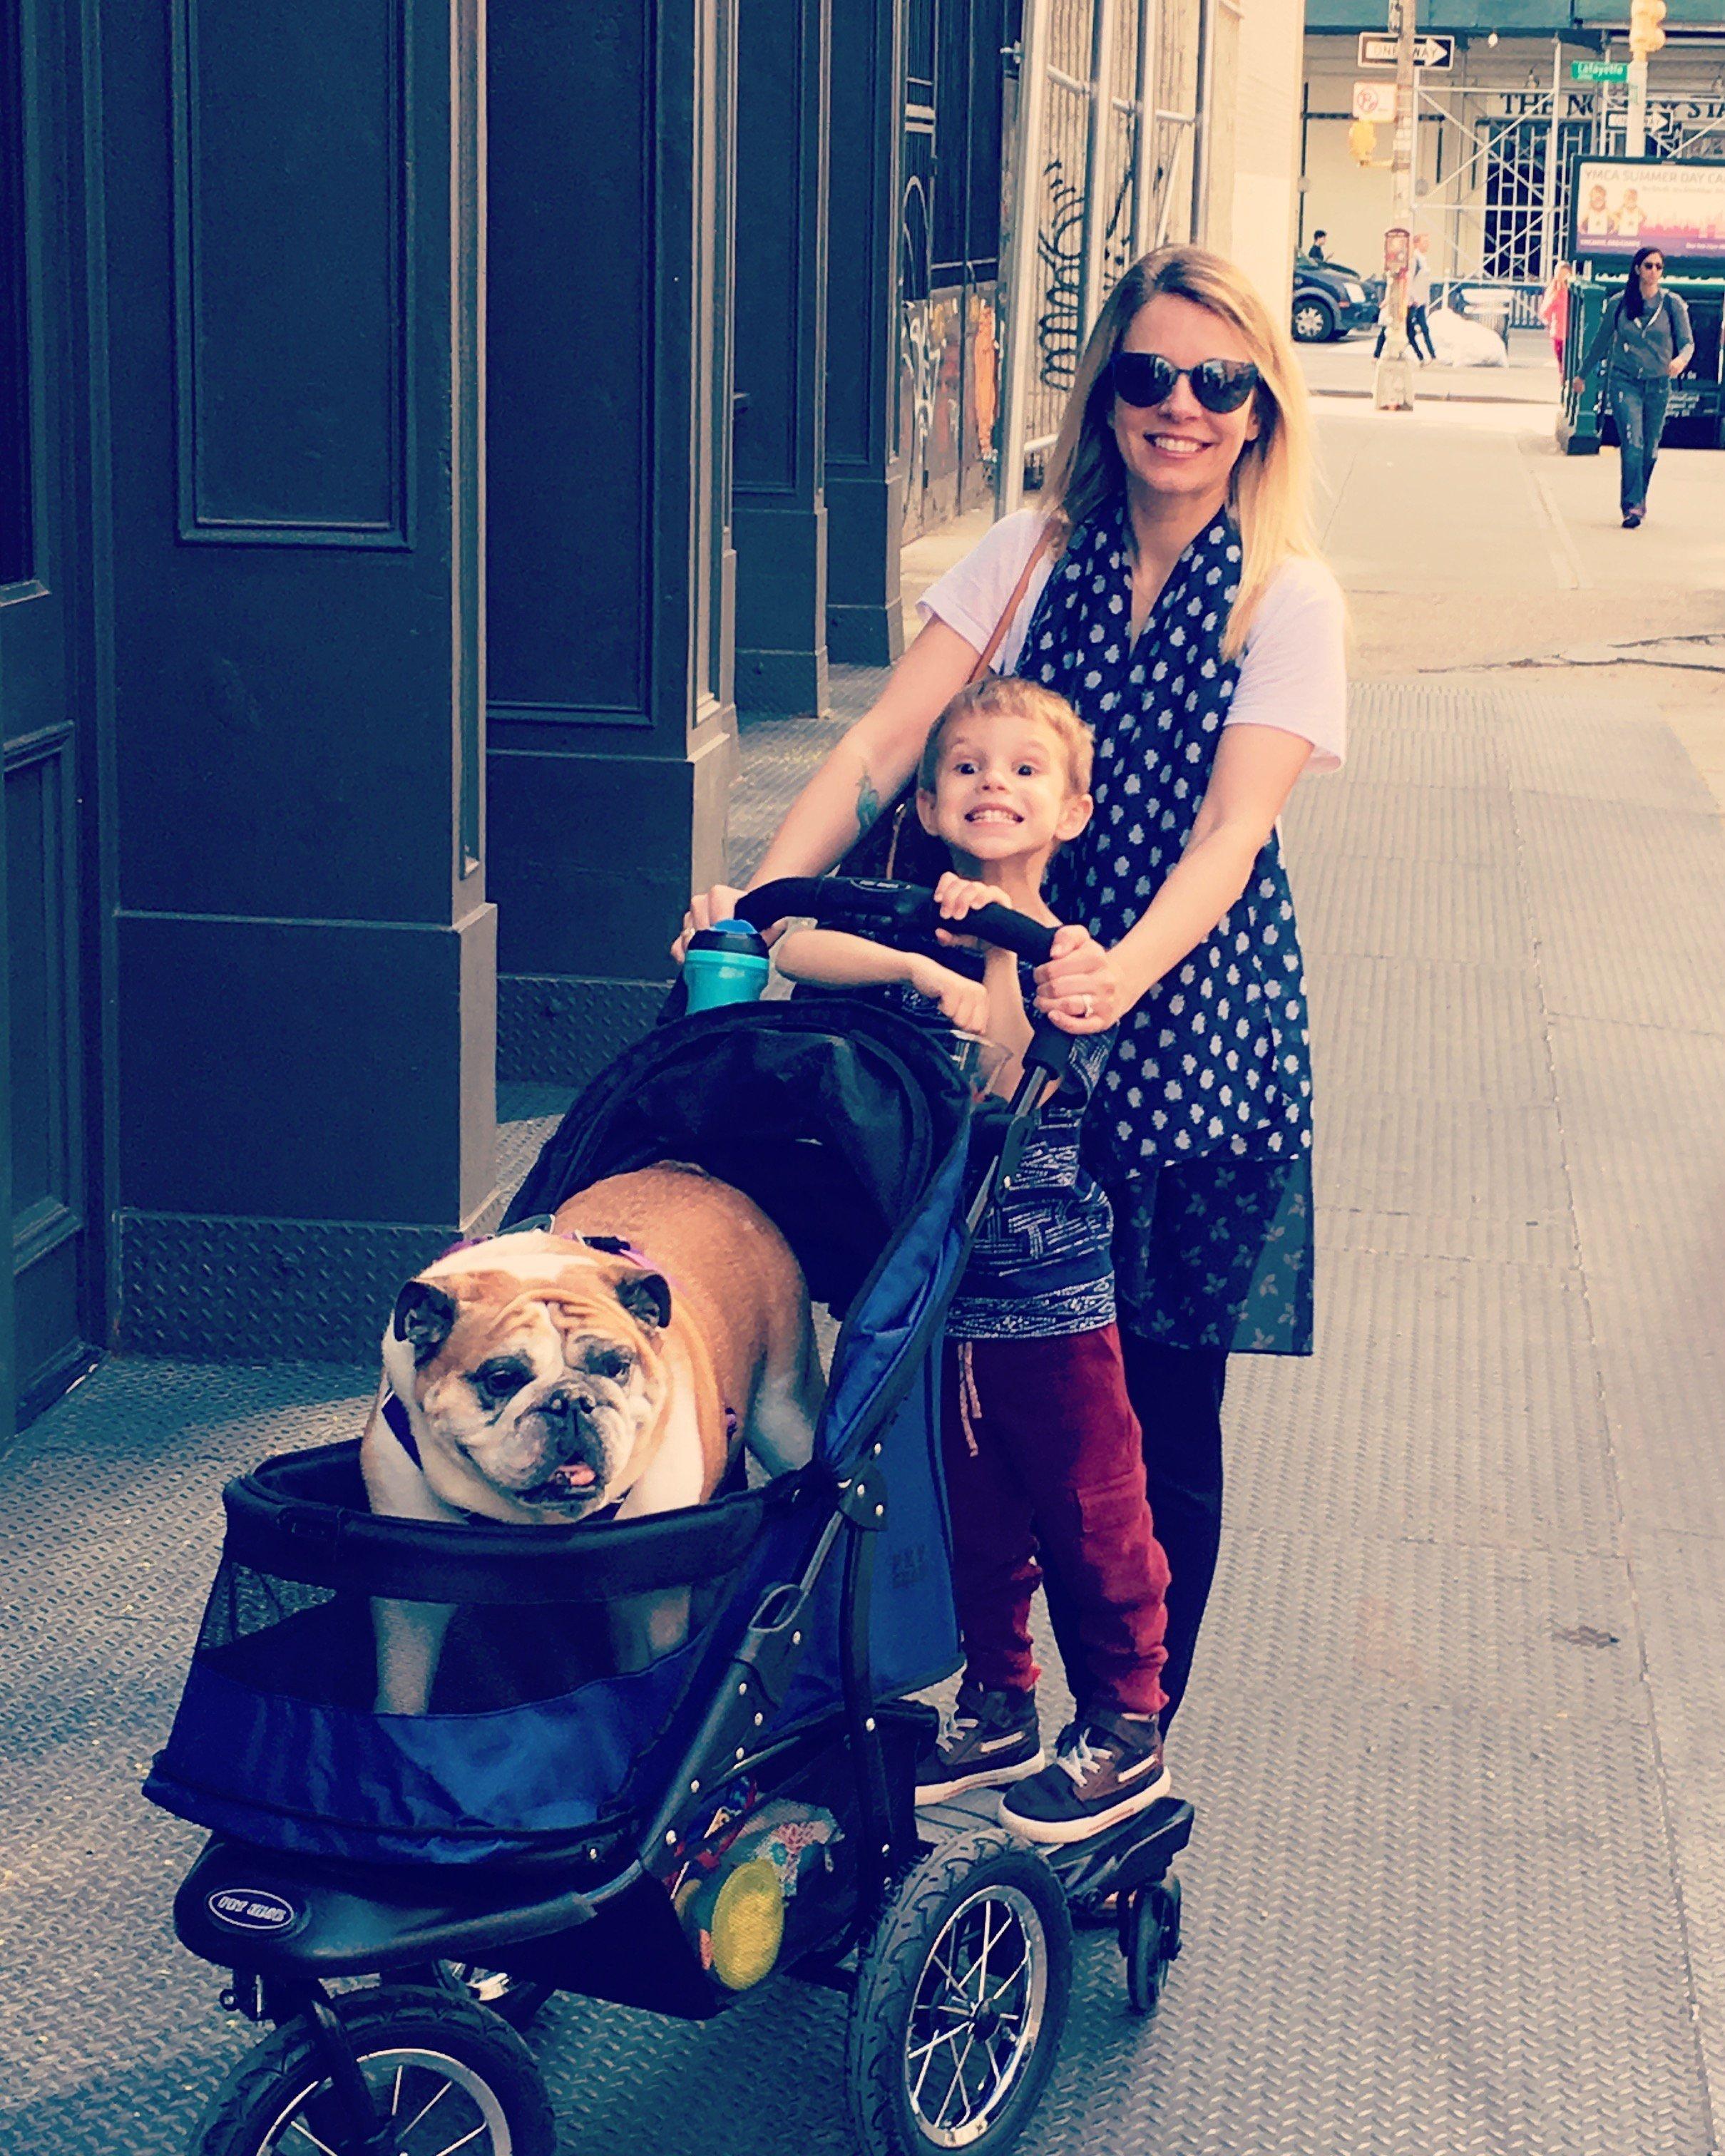 Weisberg family stroller